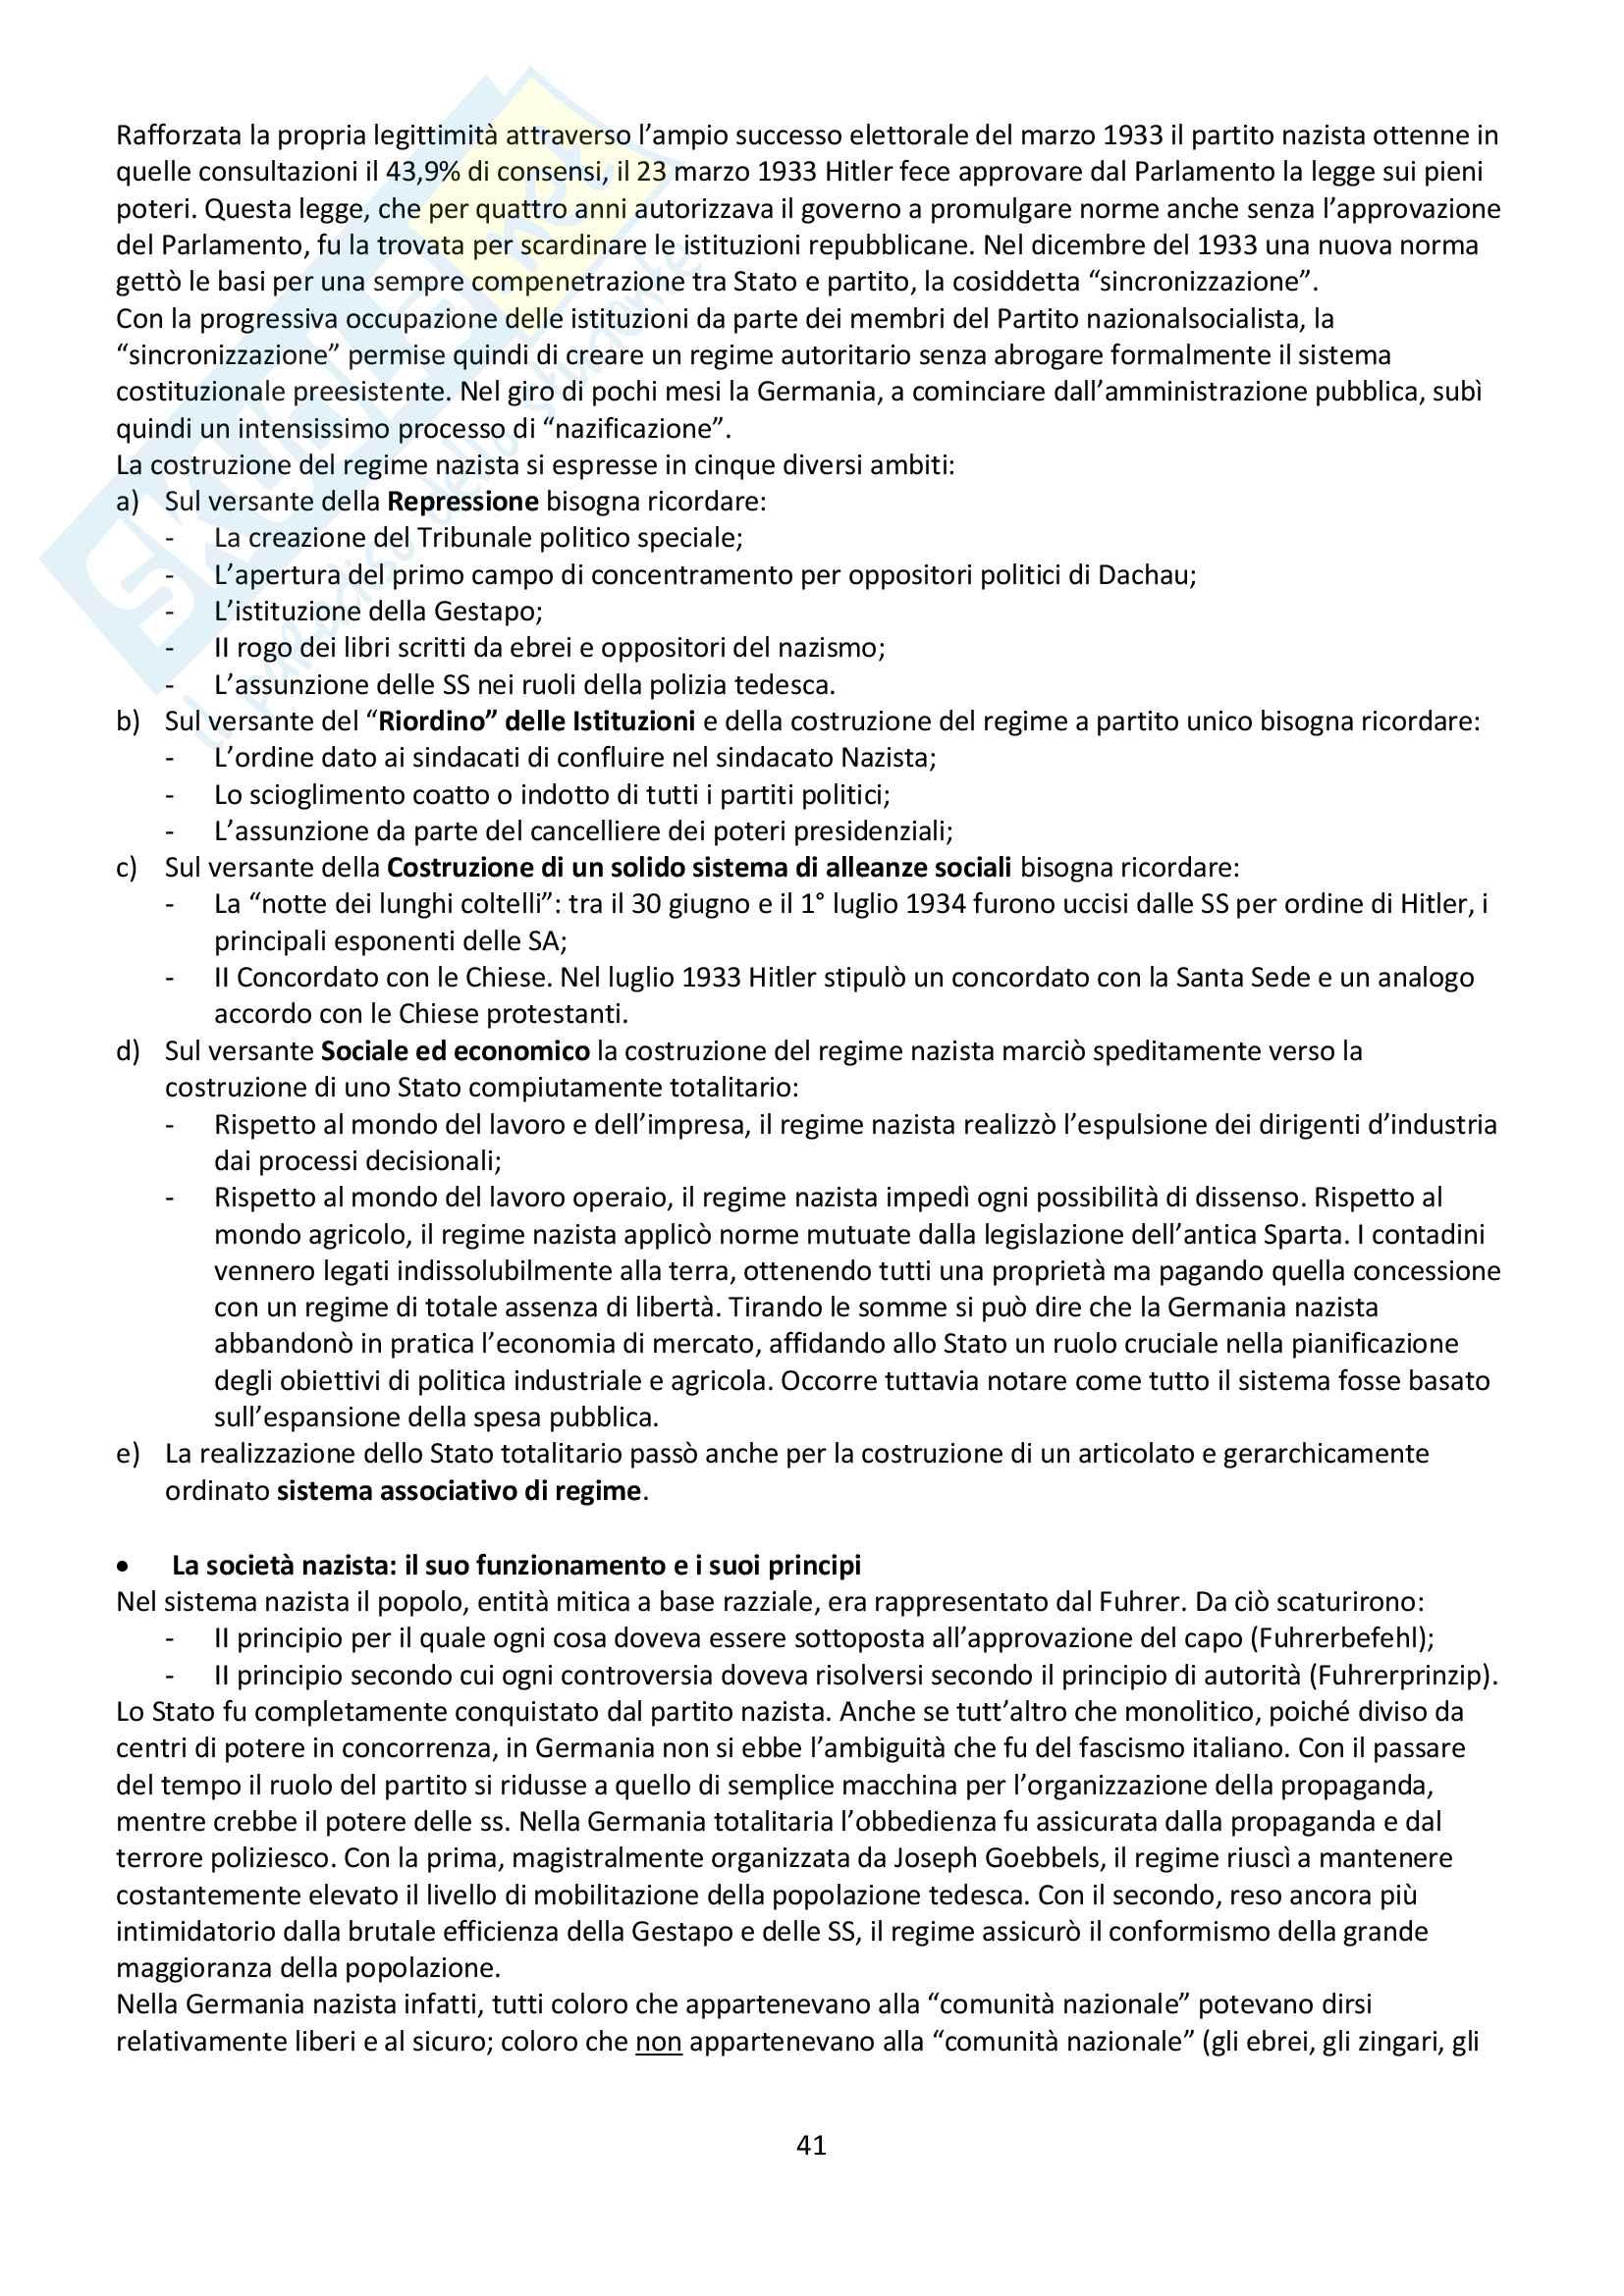 """Riassunto esame storia contemporanea, prof. Baravelli. Libro consigliato """"Venti lezioni di storia contemporanea dal 1848 ad oggi"""", Andrea Baravelli, Ilaria Cerioli Pag. 41"""